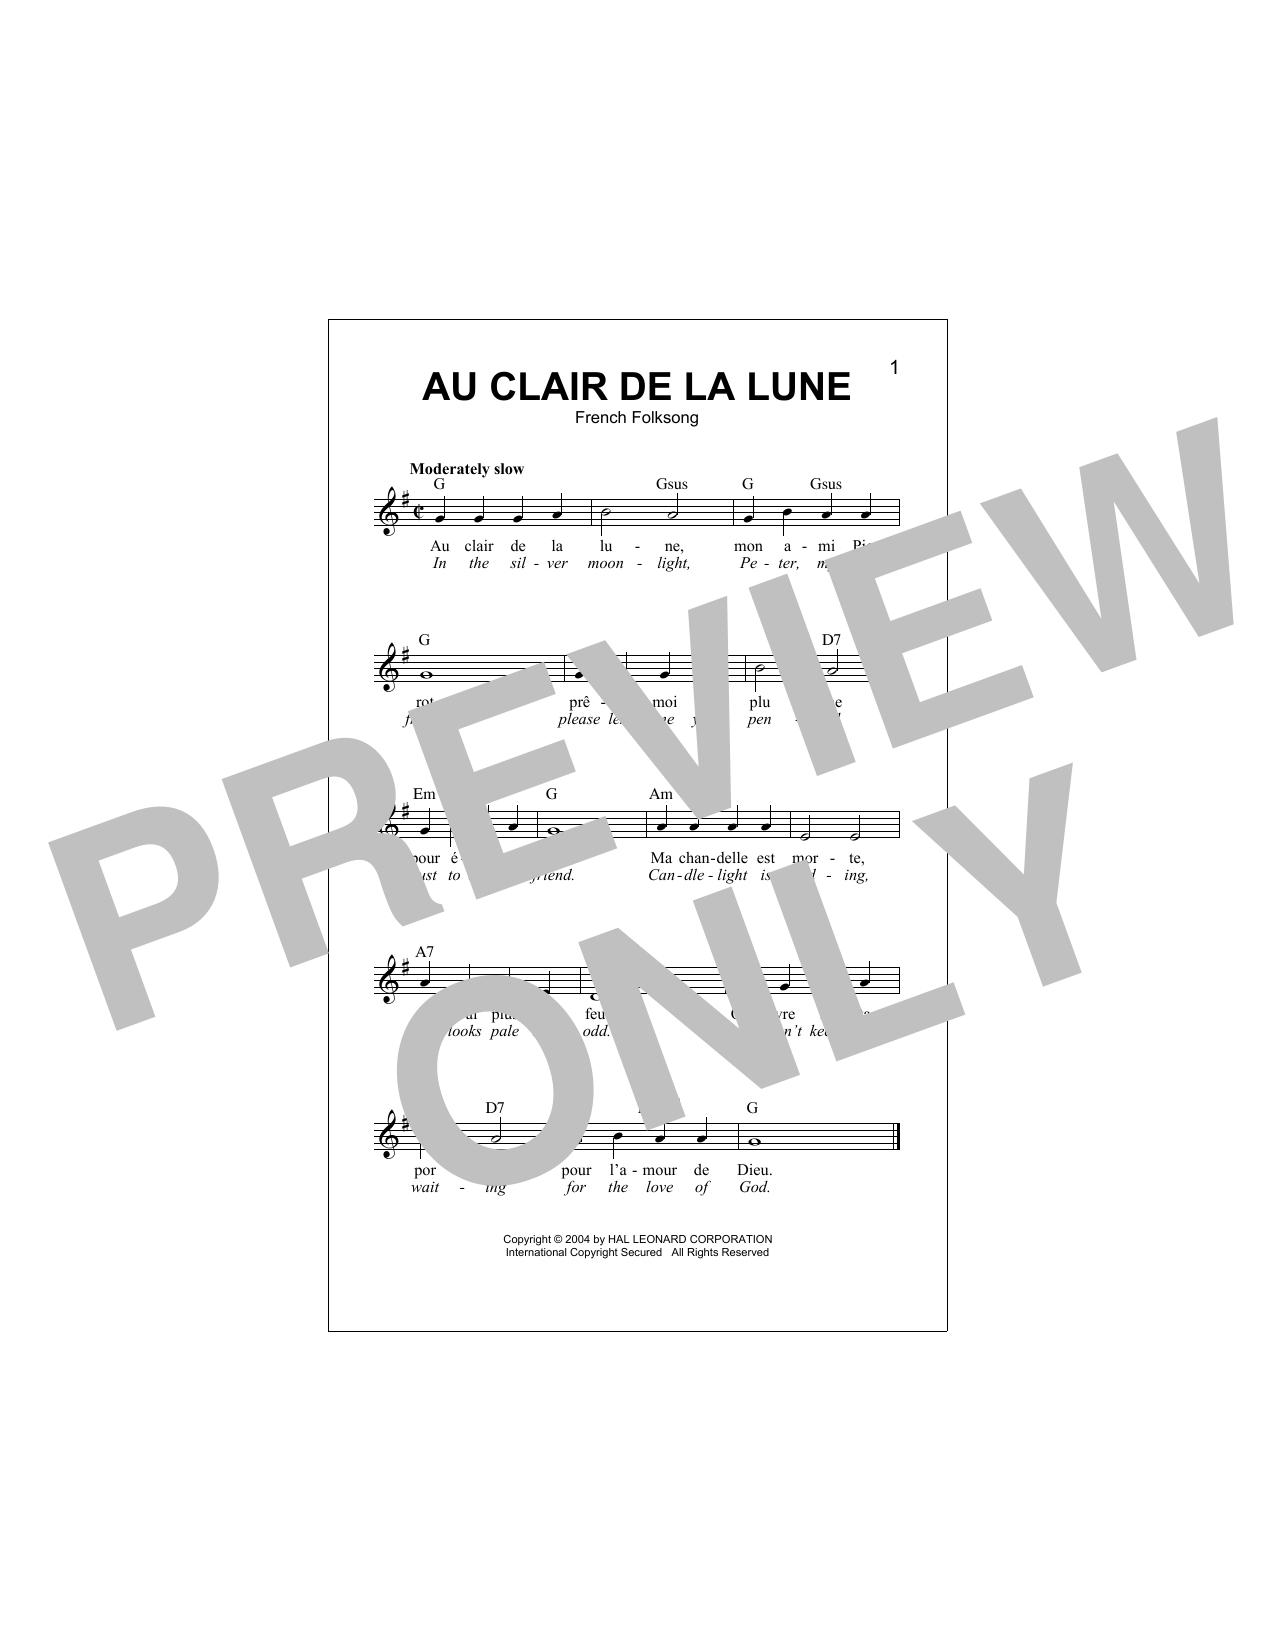 Au Clair De La Lune - Sheet Music To Download à Clair De La Lune Lyrics